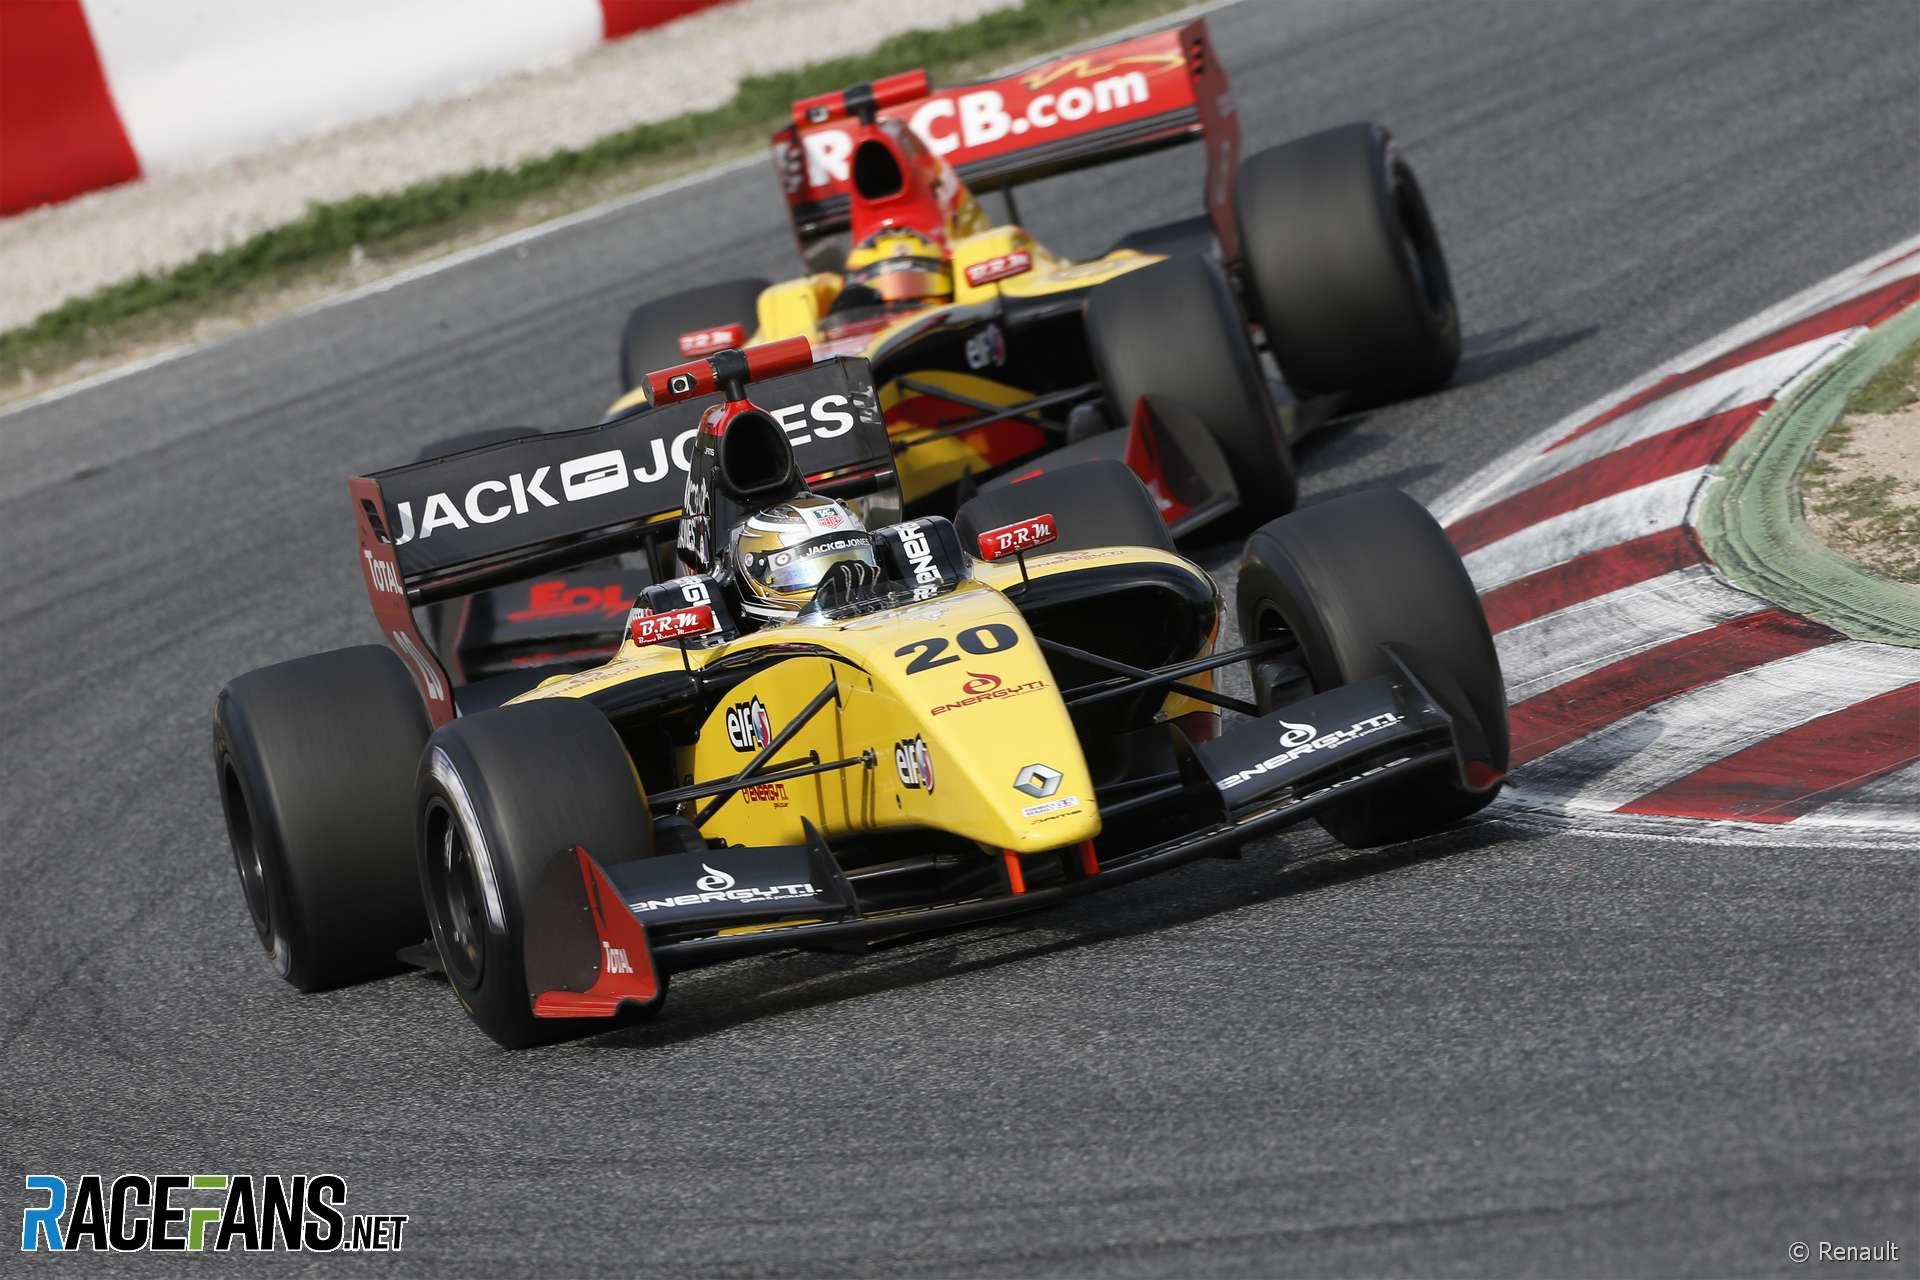 Kevin Magnussen, Stoffel Vandoorne, Formula Renault 3.5, 2013